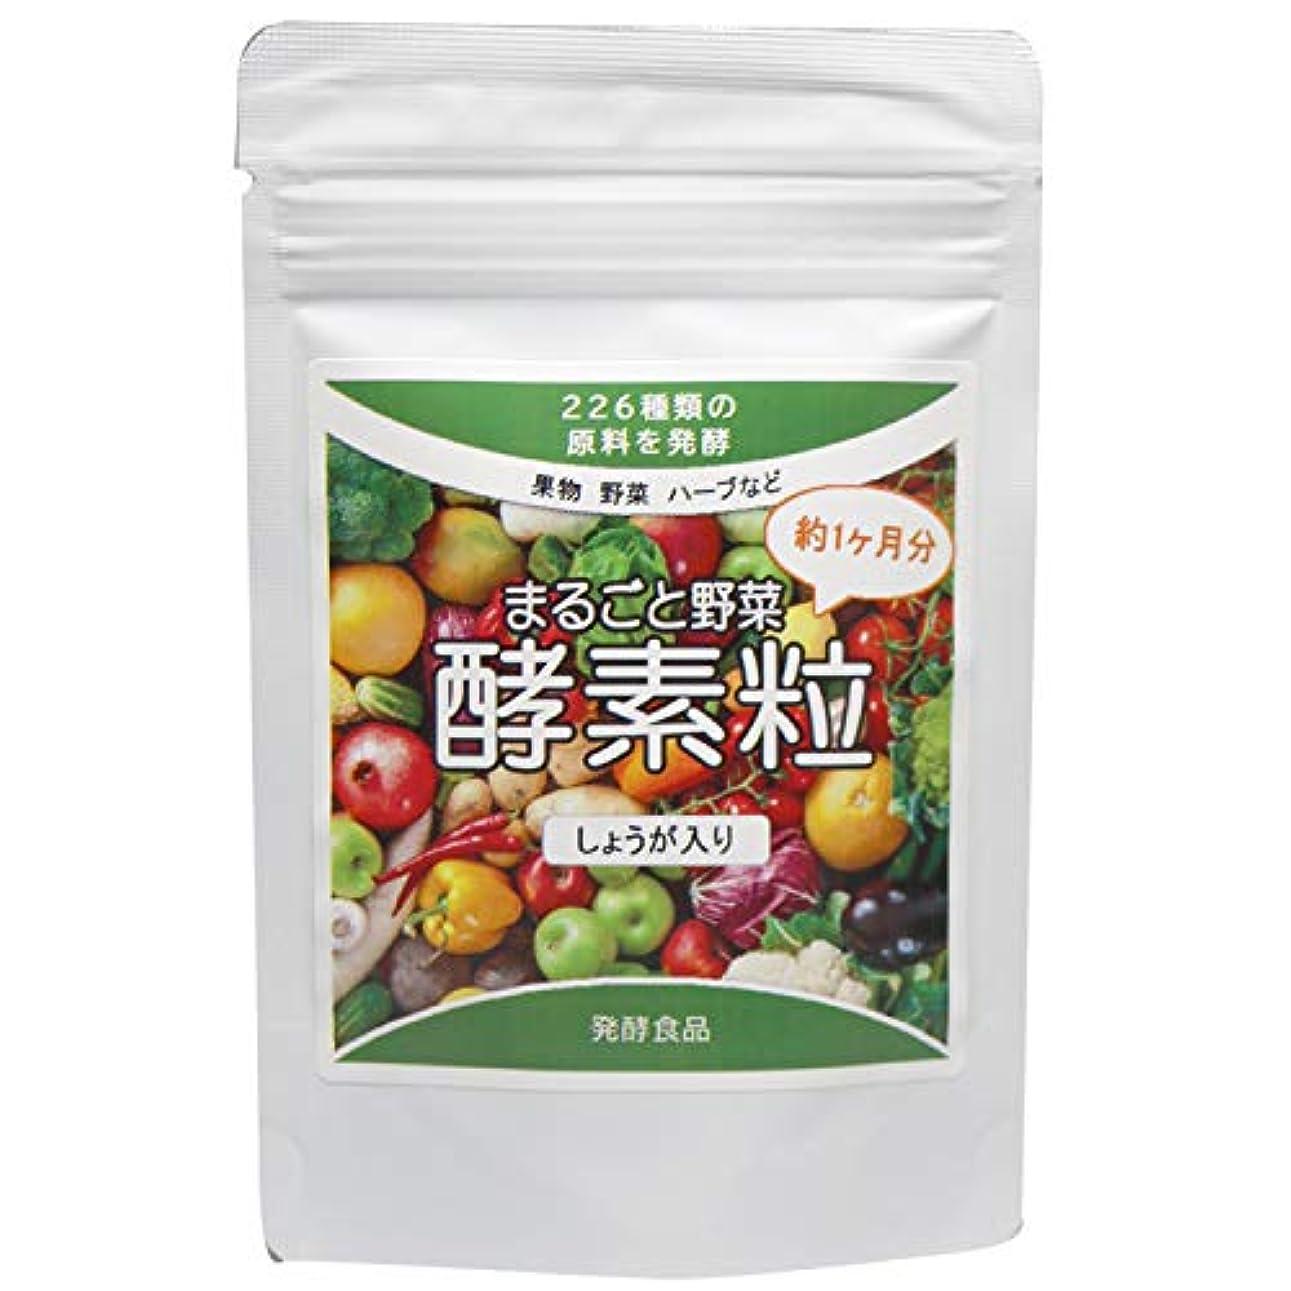 行動光景ベールまるごと野菜酵素粒 226種類の野菜発酵(しょうが入り) 約4ヶ月分 (440mg×120粒)